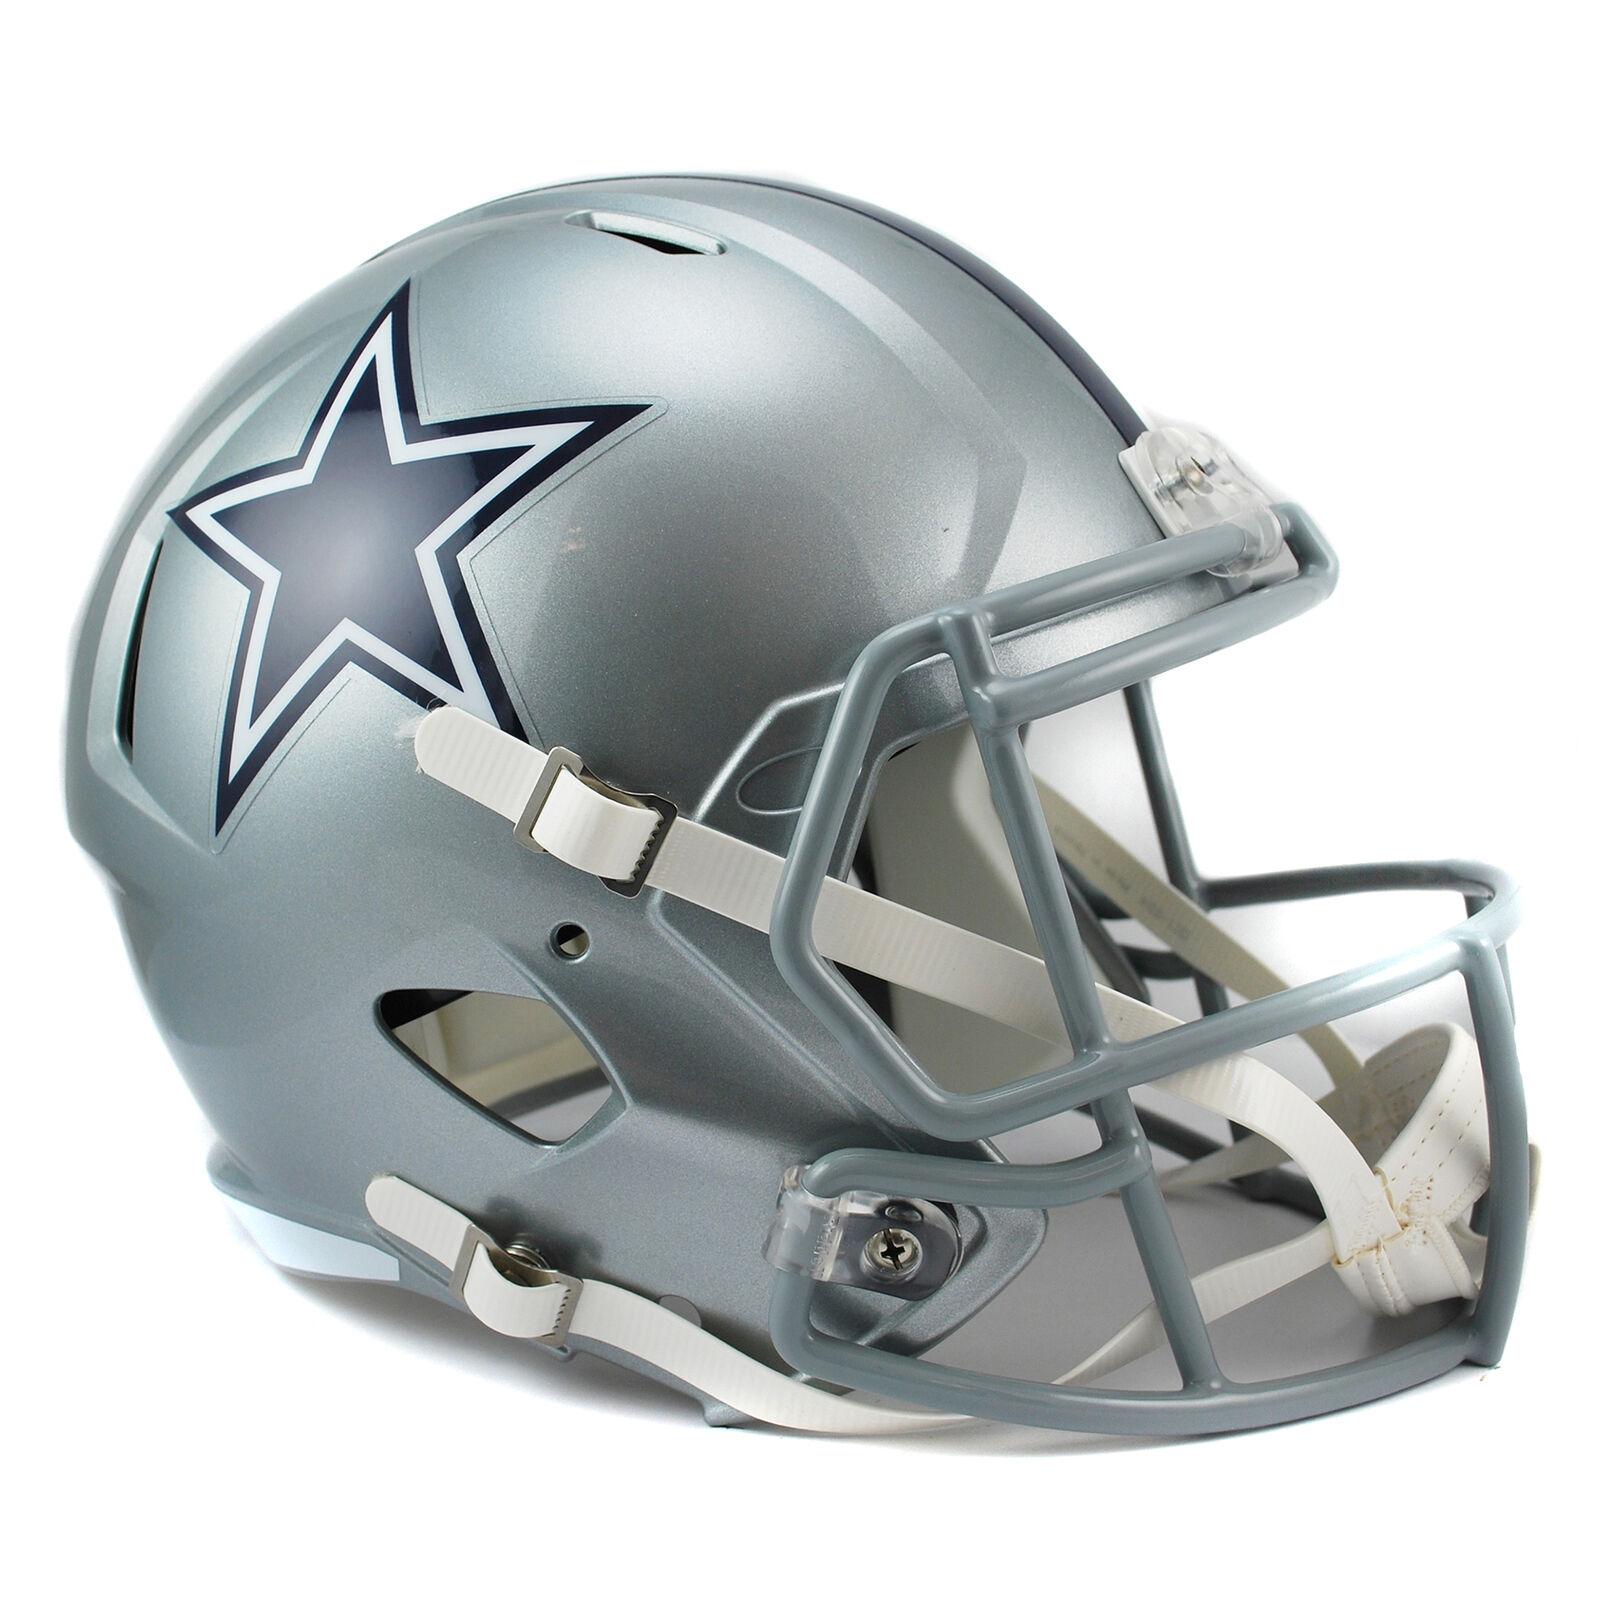 NFL Dallas Dallas Dallas Cowboys Speed Replica Football Helm Fanartikel Souvenir Fanatics 09ca72